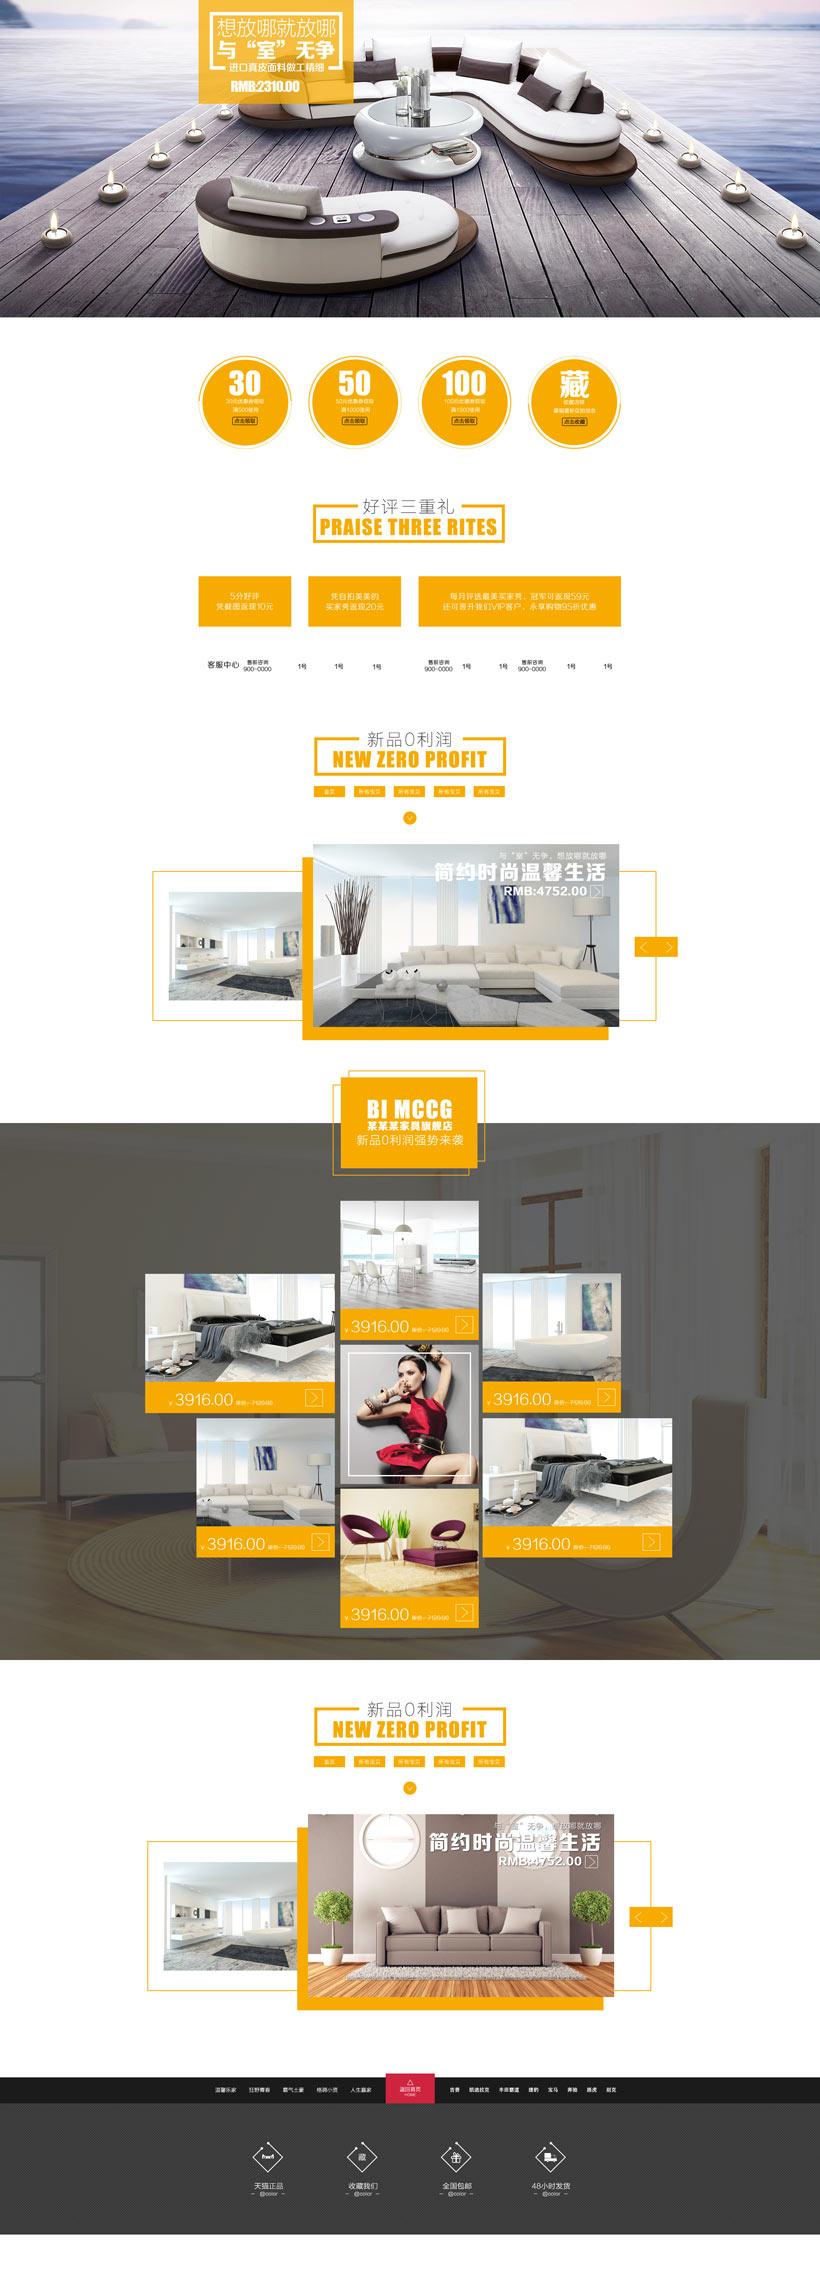 淘寶家具促銷頁面設計psd素材